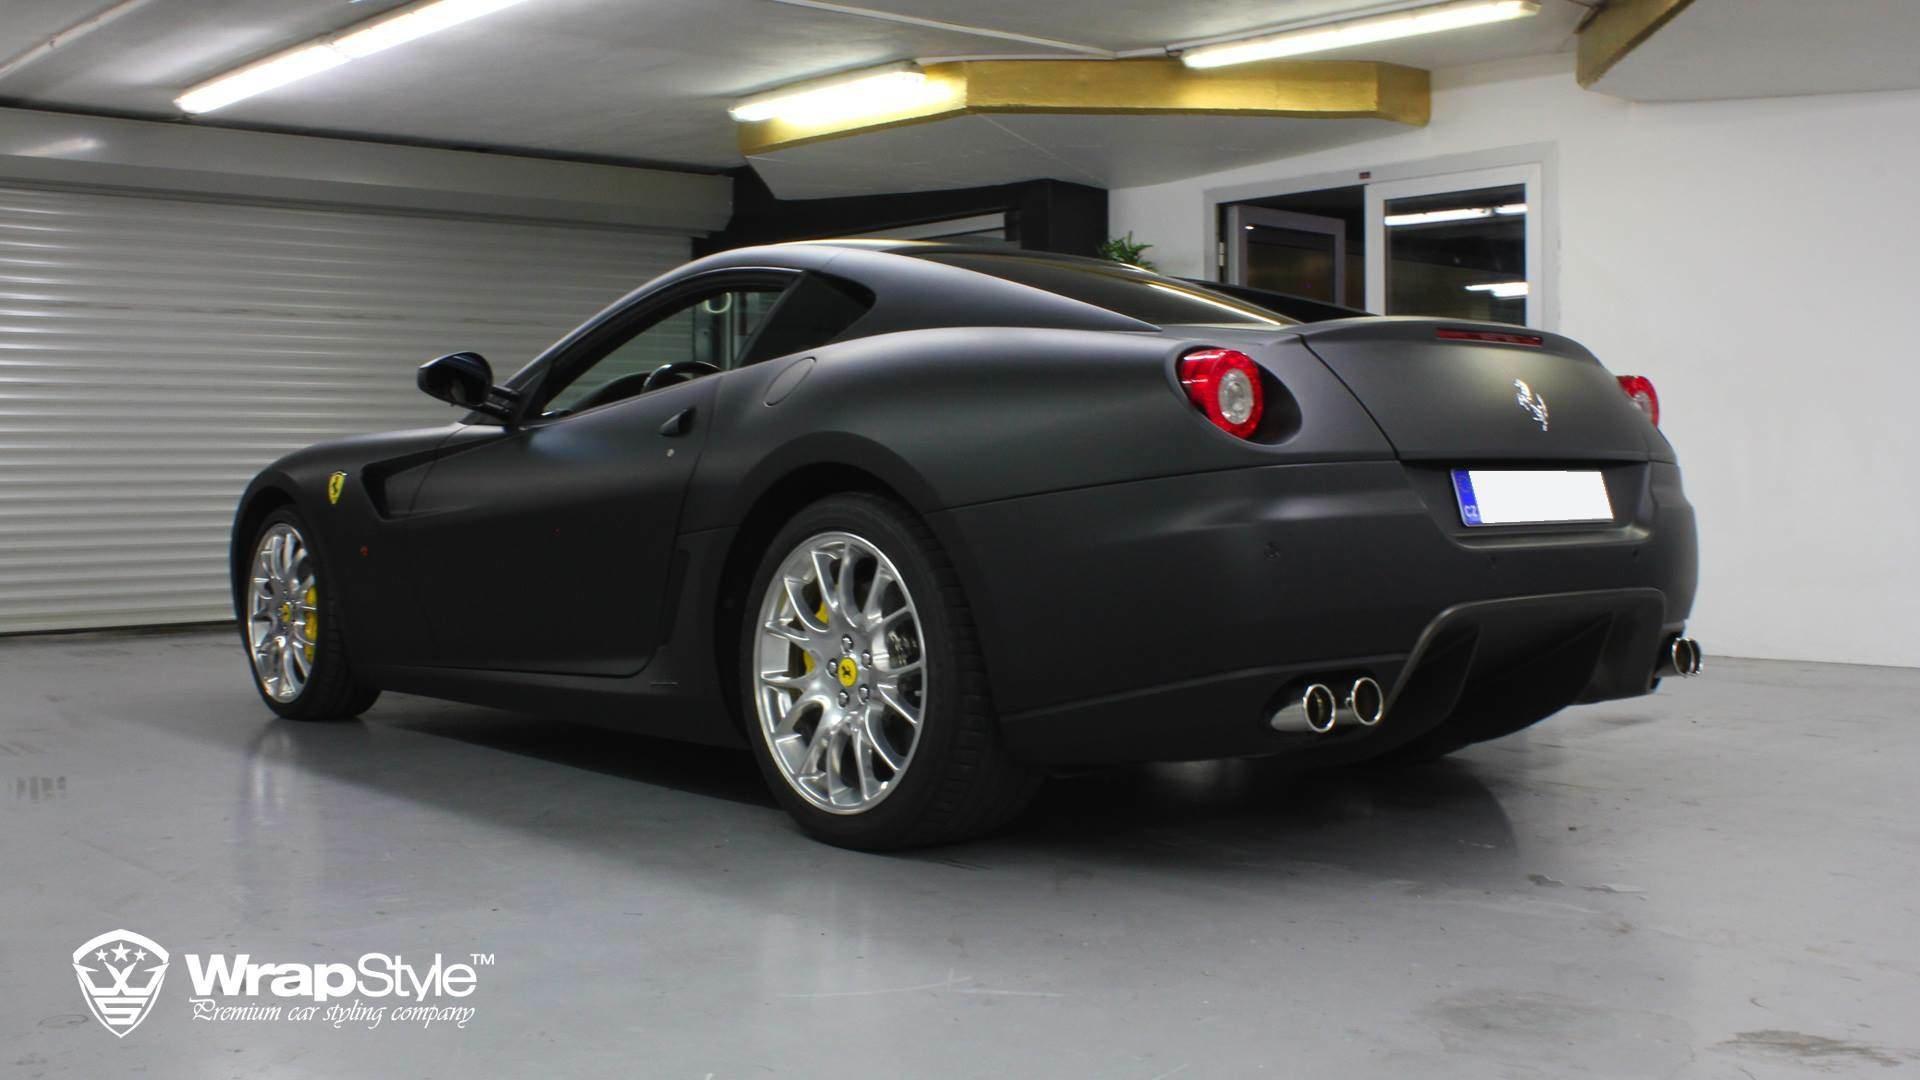 Ferrari 599 Black Matt Wrap Wrapstyle